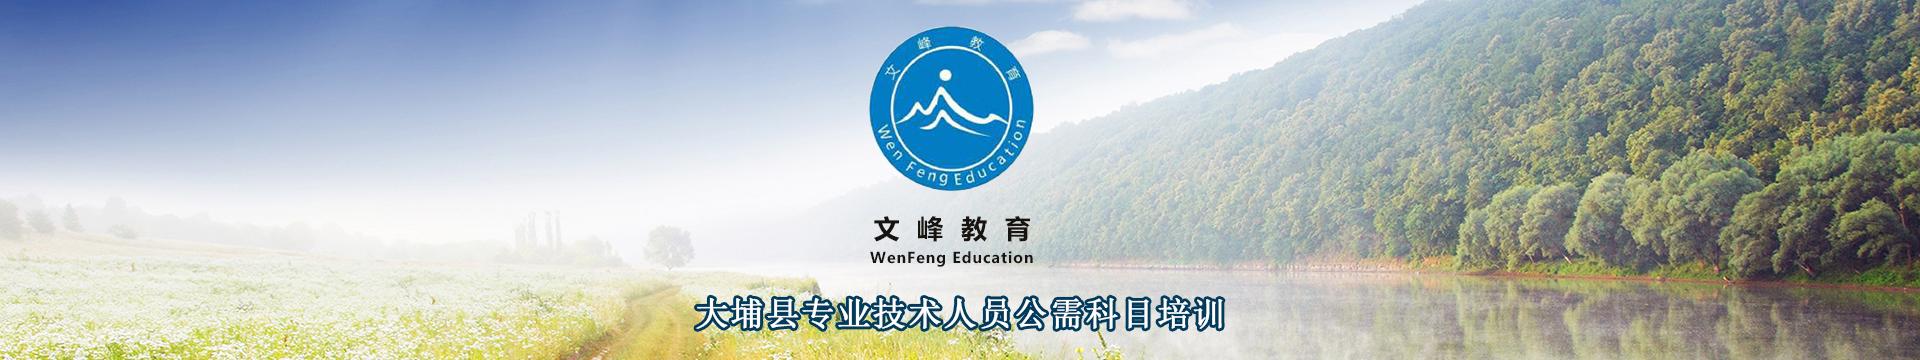 大埔县专业技术人员公需科目培训